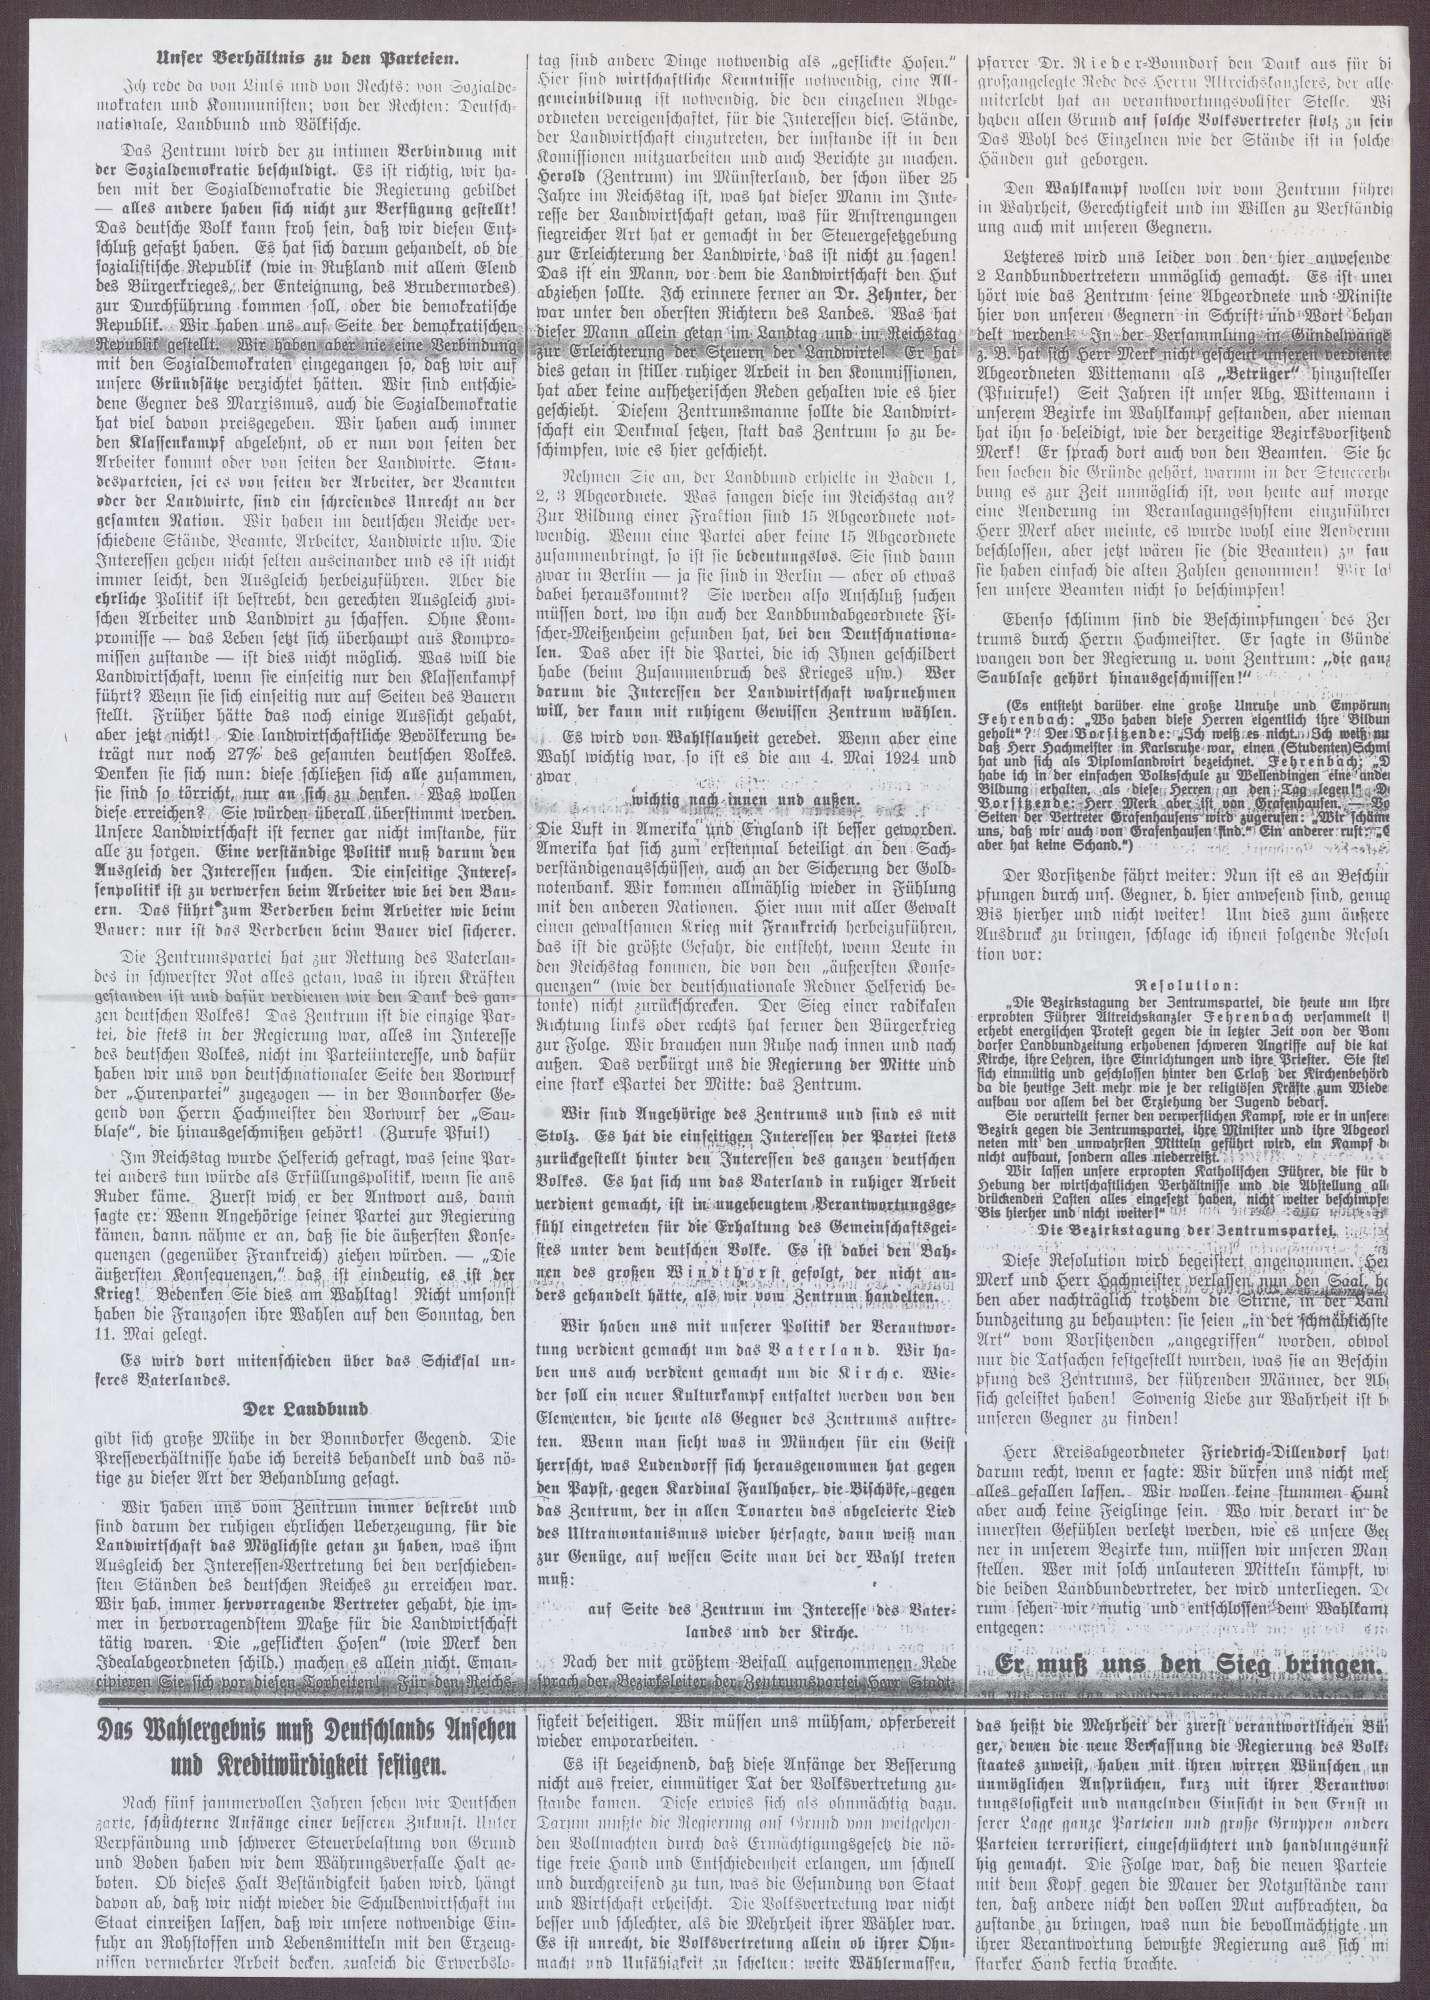 """Kopie von Artikeln aus """"Schwarzwälder Zeitung"""" und """"Bonndorfer Volksblatt"""" über einen Besuch von Constantin Fehrenbach in Bonndorf und die dort gehaltene Rede, Bild 2"""